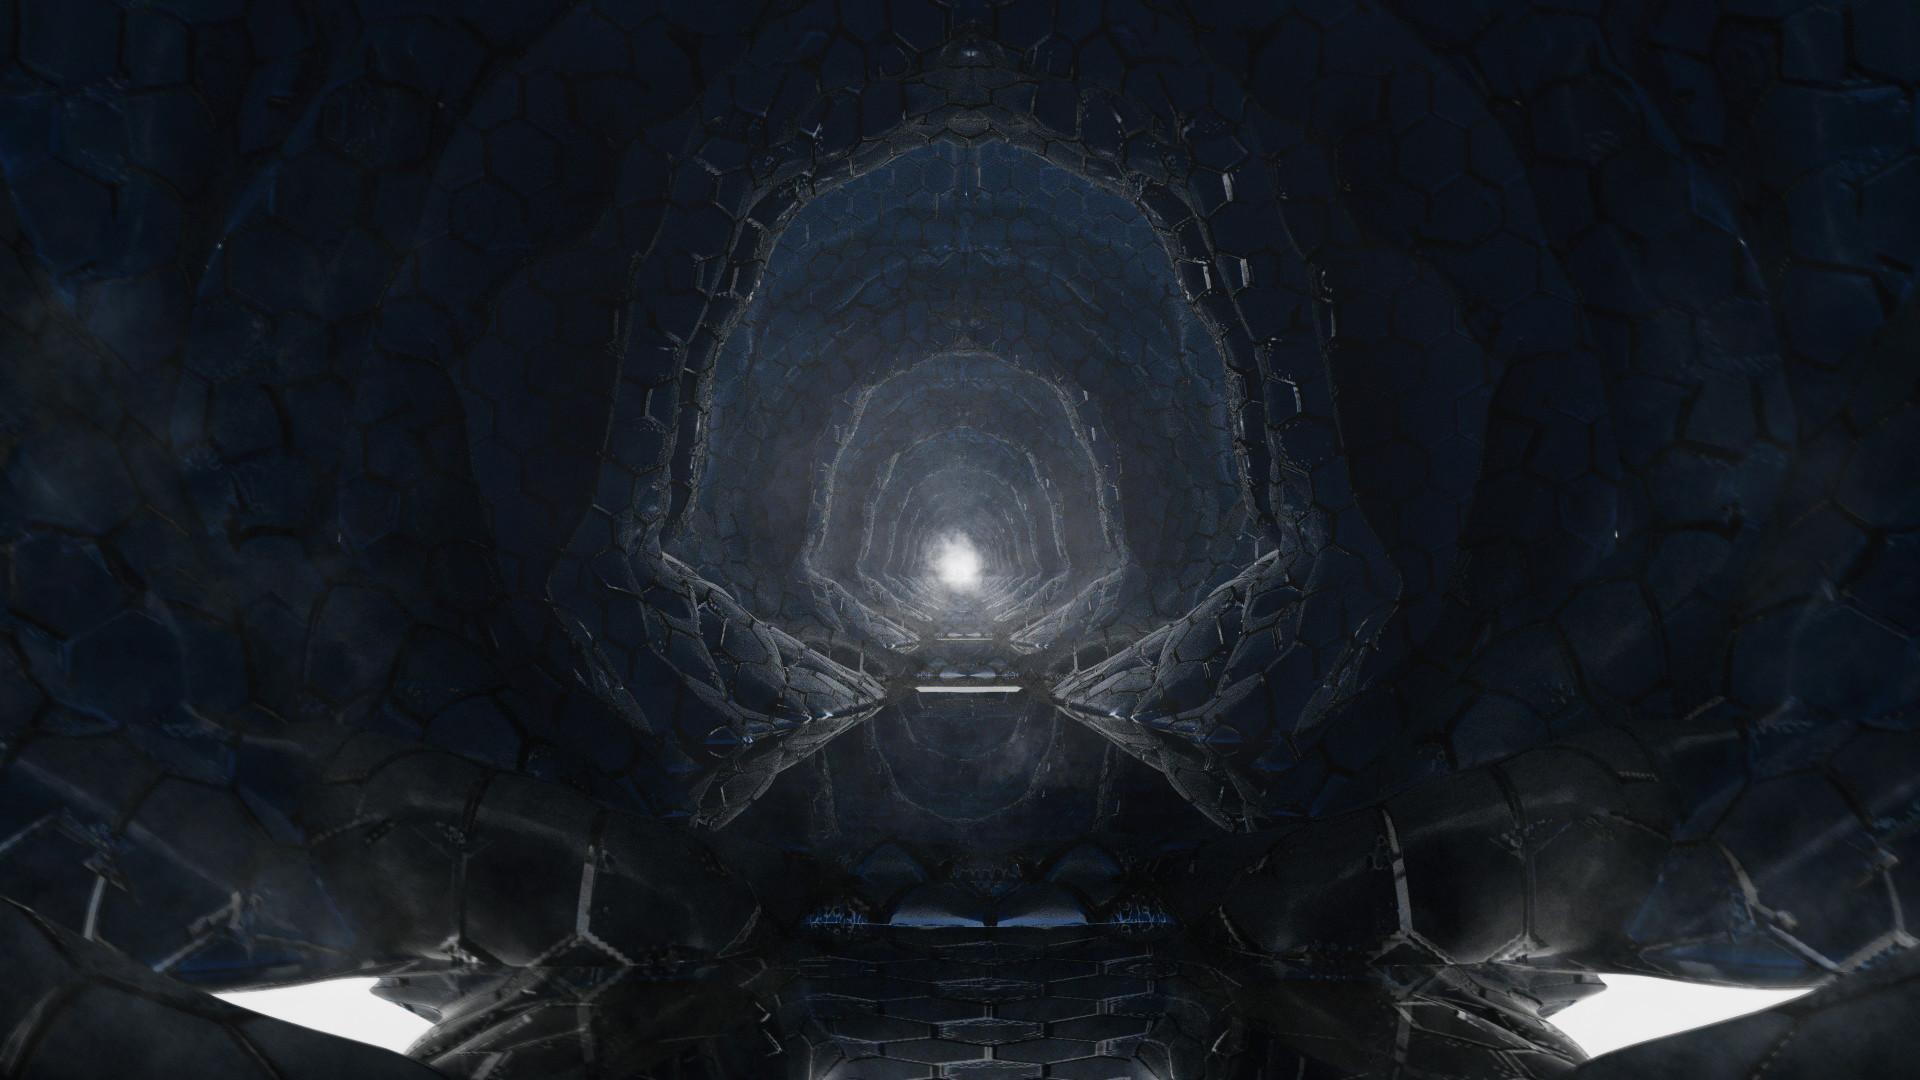 Kresimir jelusic robob3ar 251 200616 alien corridor 2